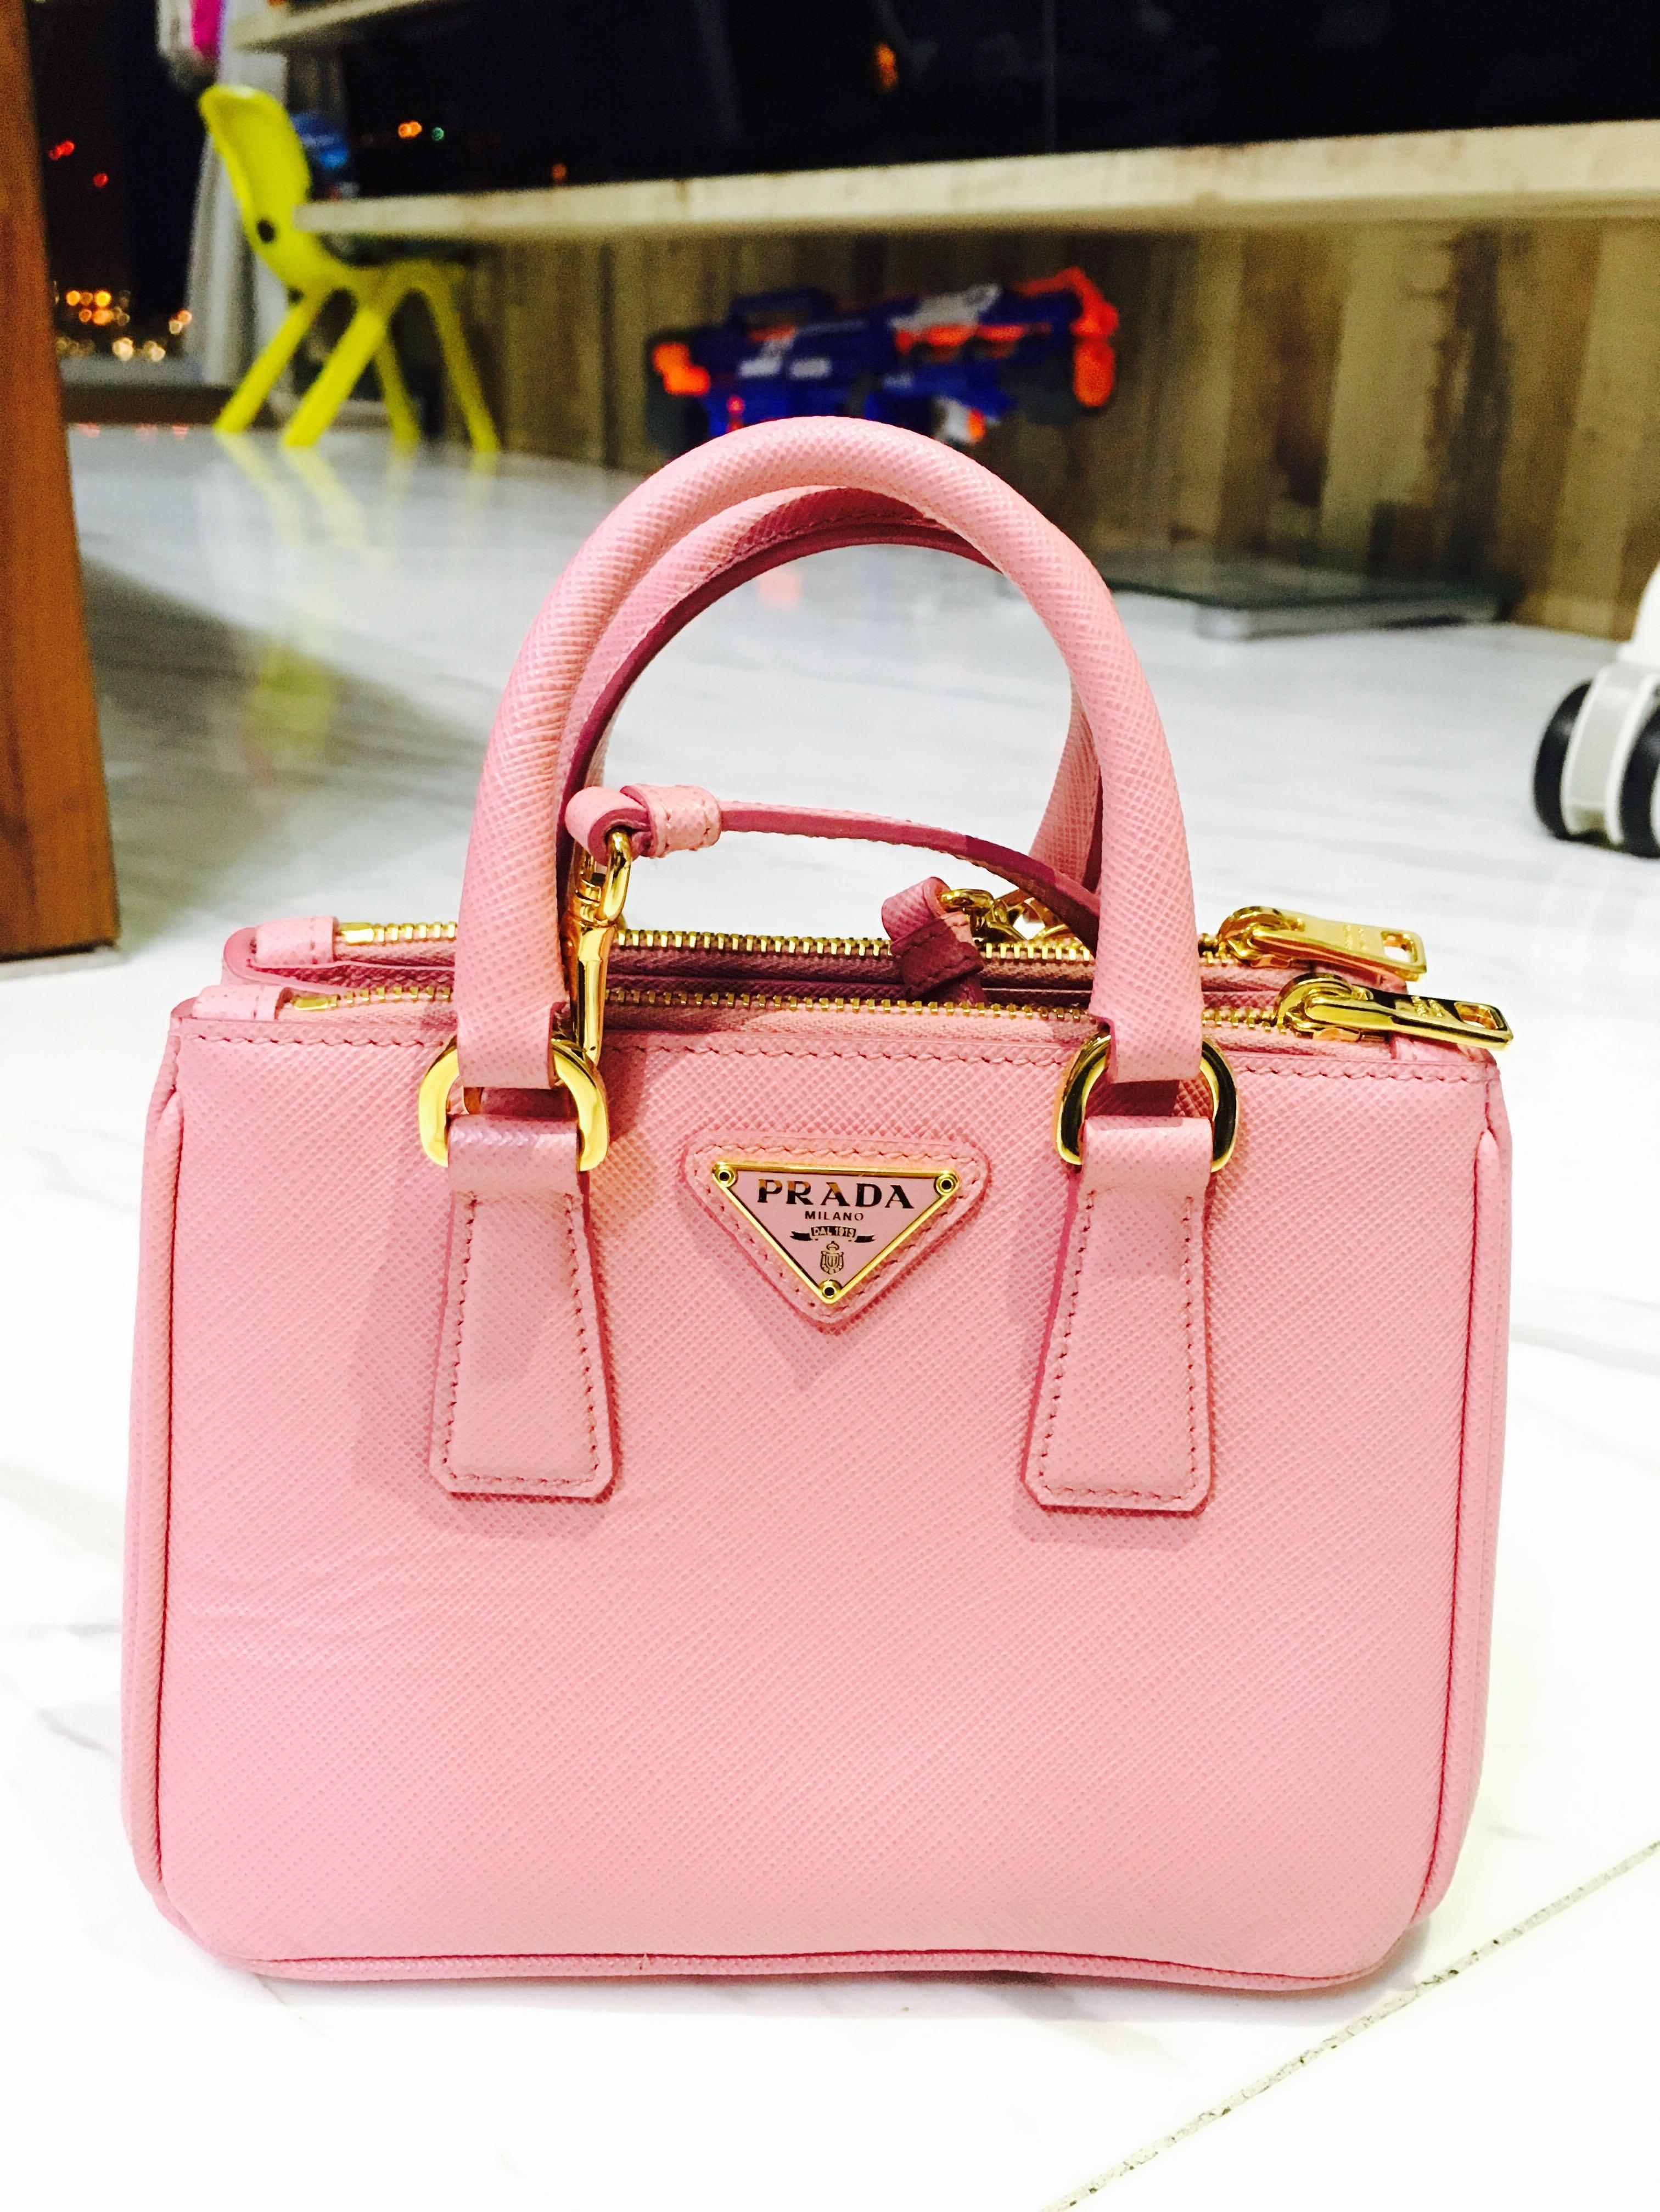 cff210b29b78eb Prada Saffiano Bag, Women's Fashion, Bags & Wallets, Handbags on ...